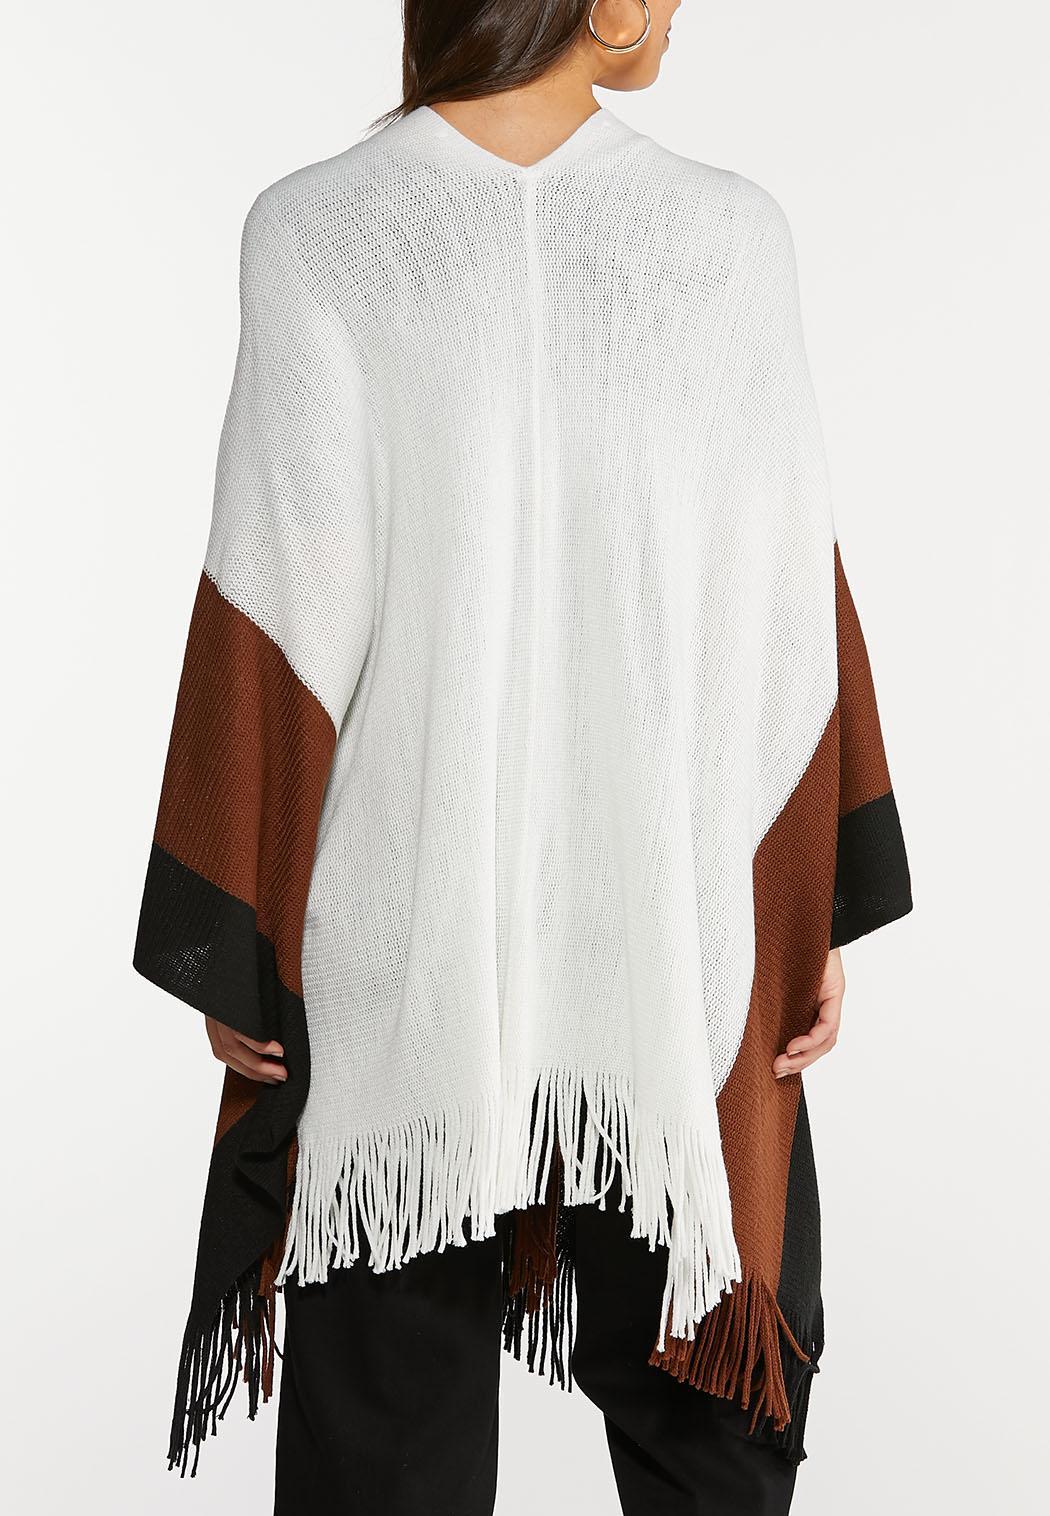 Colorblock Sweater Wrap (Item #43963732)